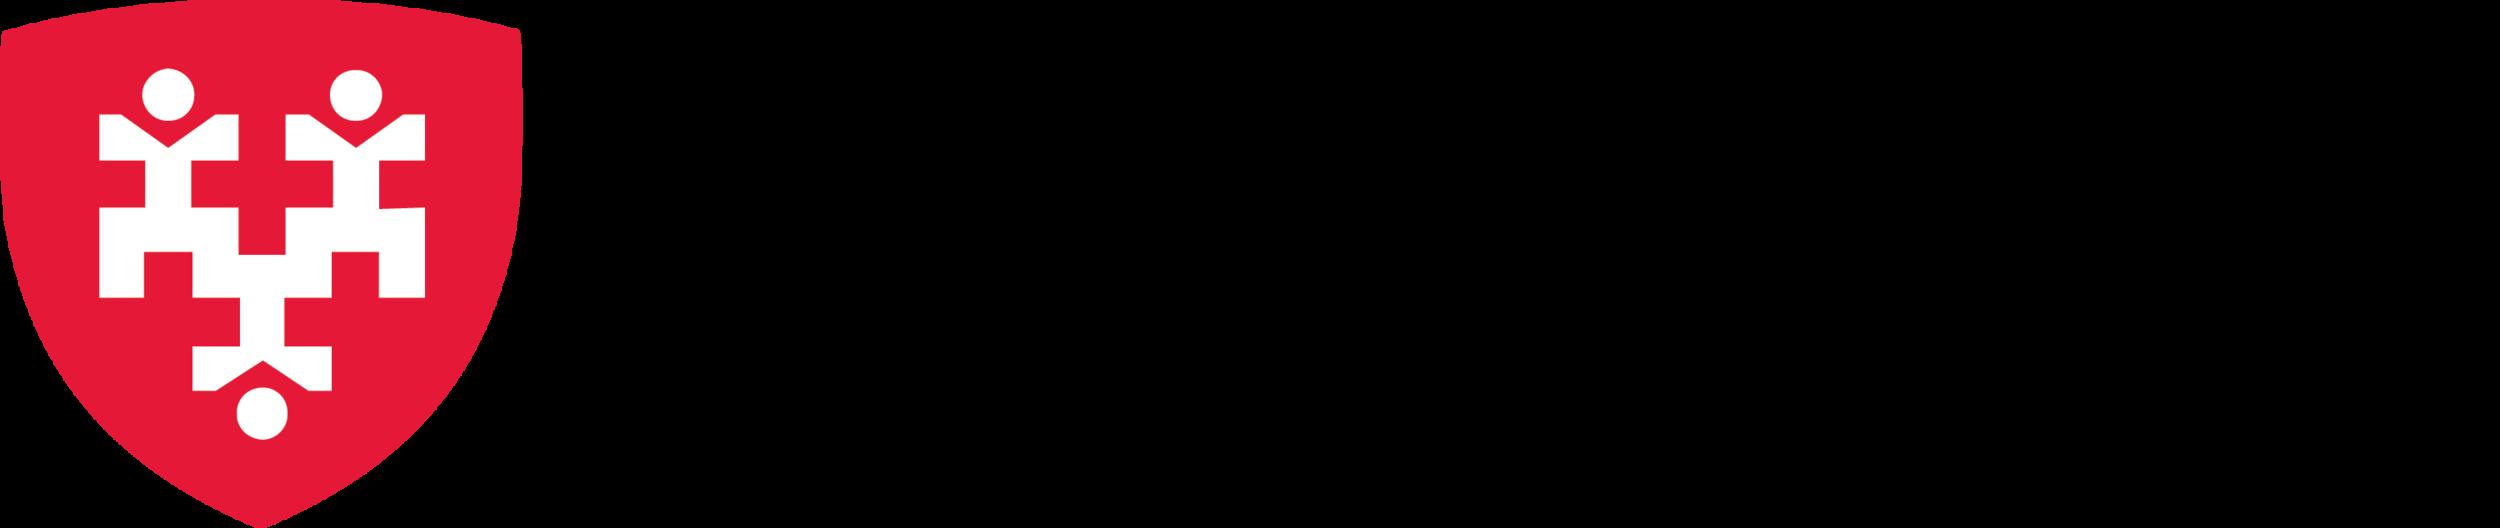 harvard pilgrim logo.png